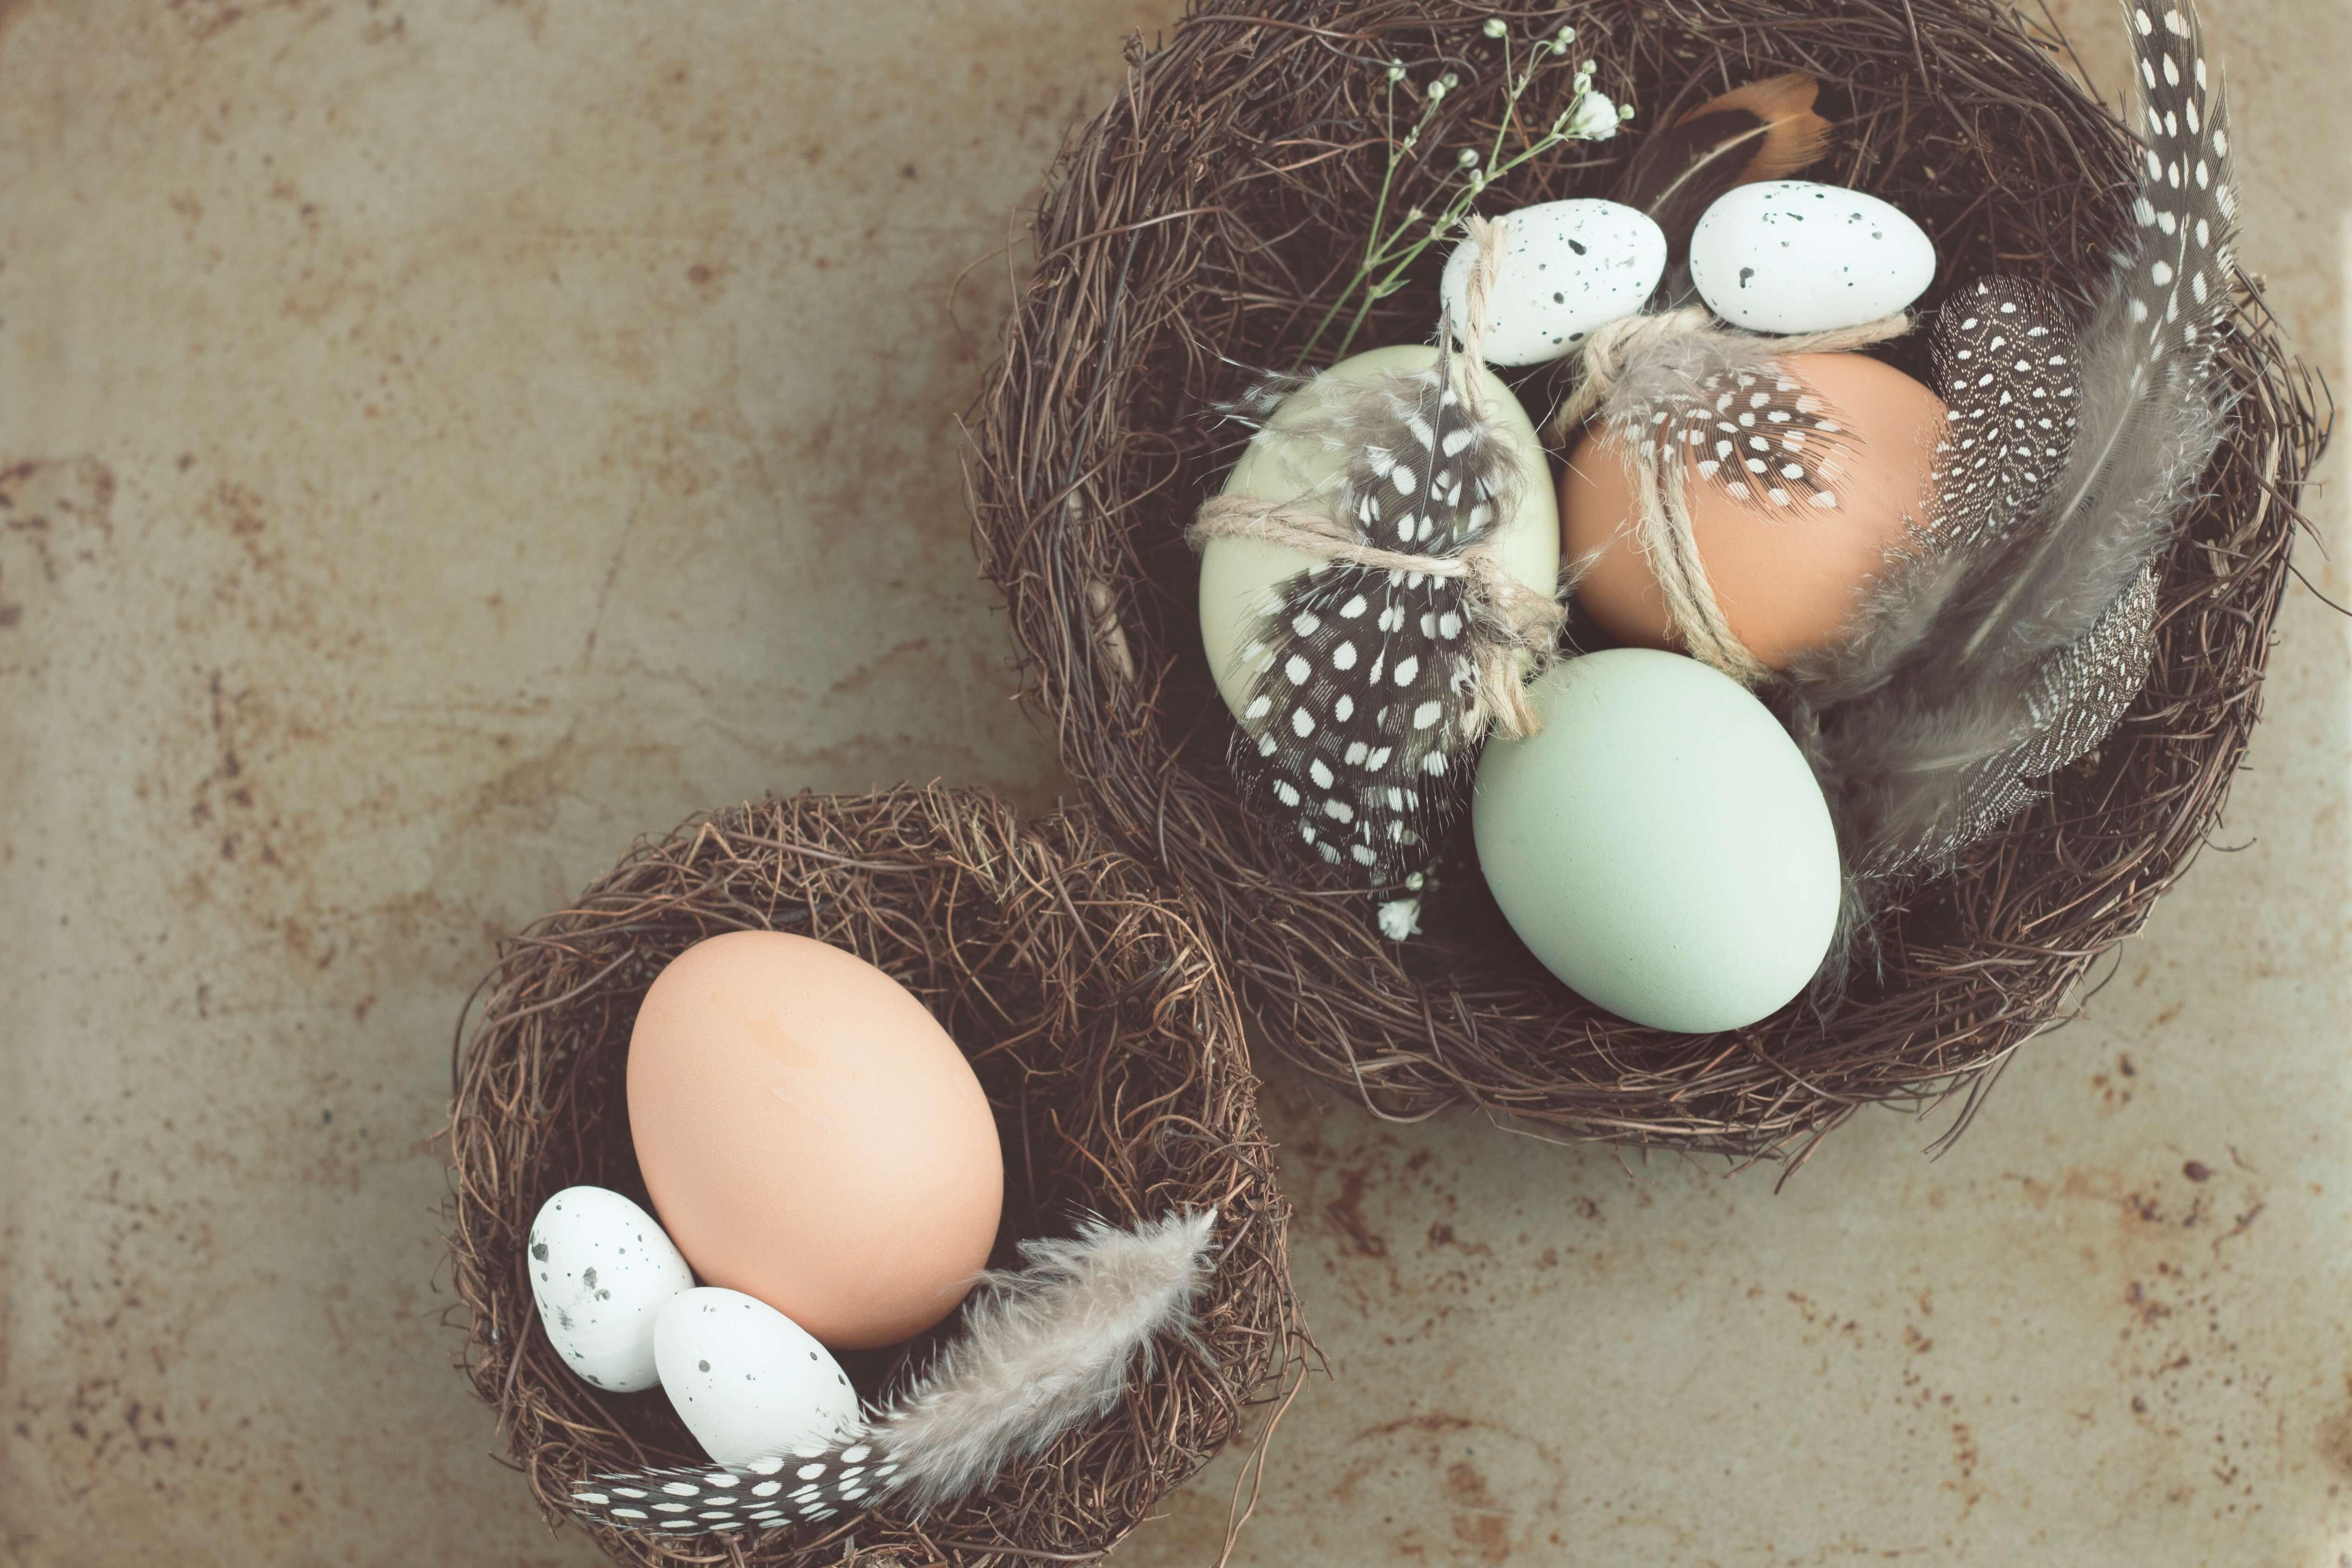 Za stol kao s Instagram fotki: Donosimo najkreativnije ideje za uskrsne dekoracije